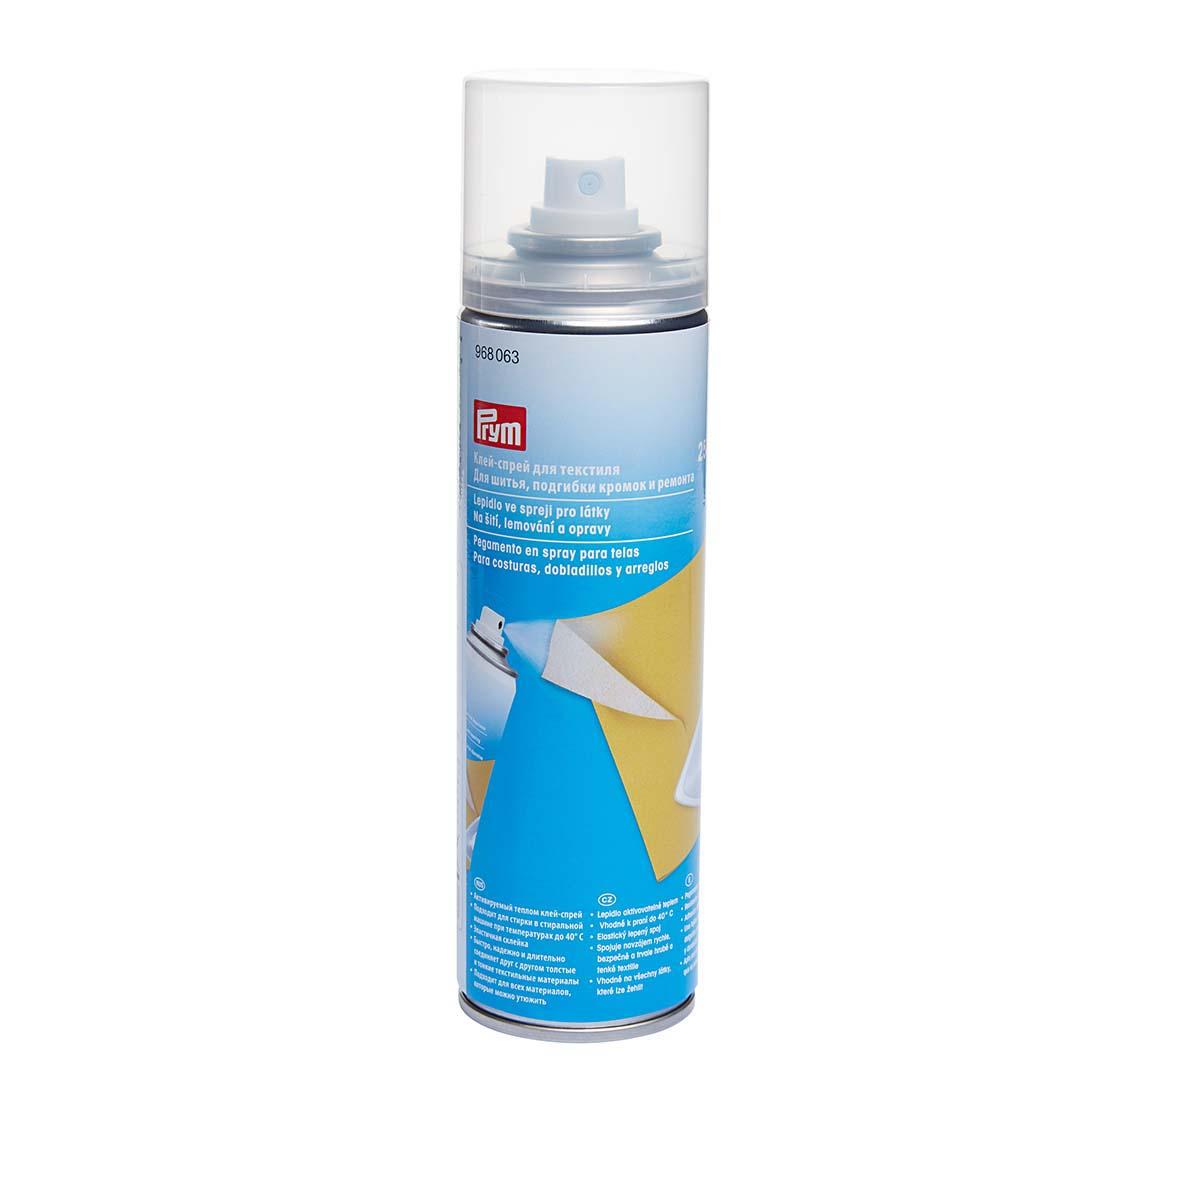 968063 Клей-спрей текстильный для долговременной фиксации, 250мл Prym